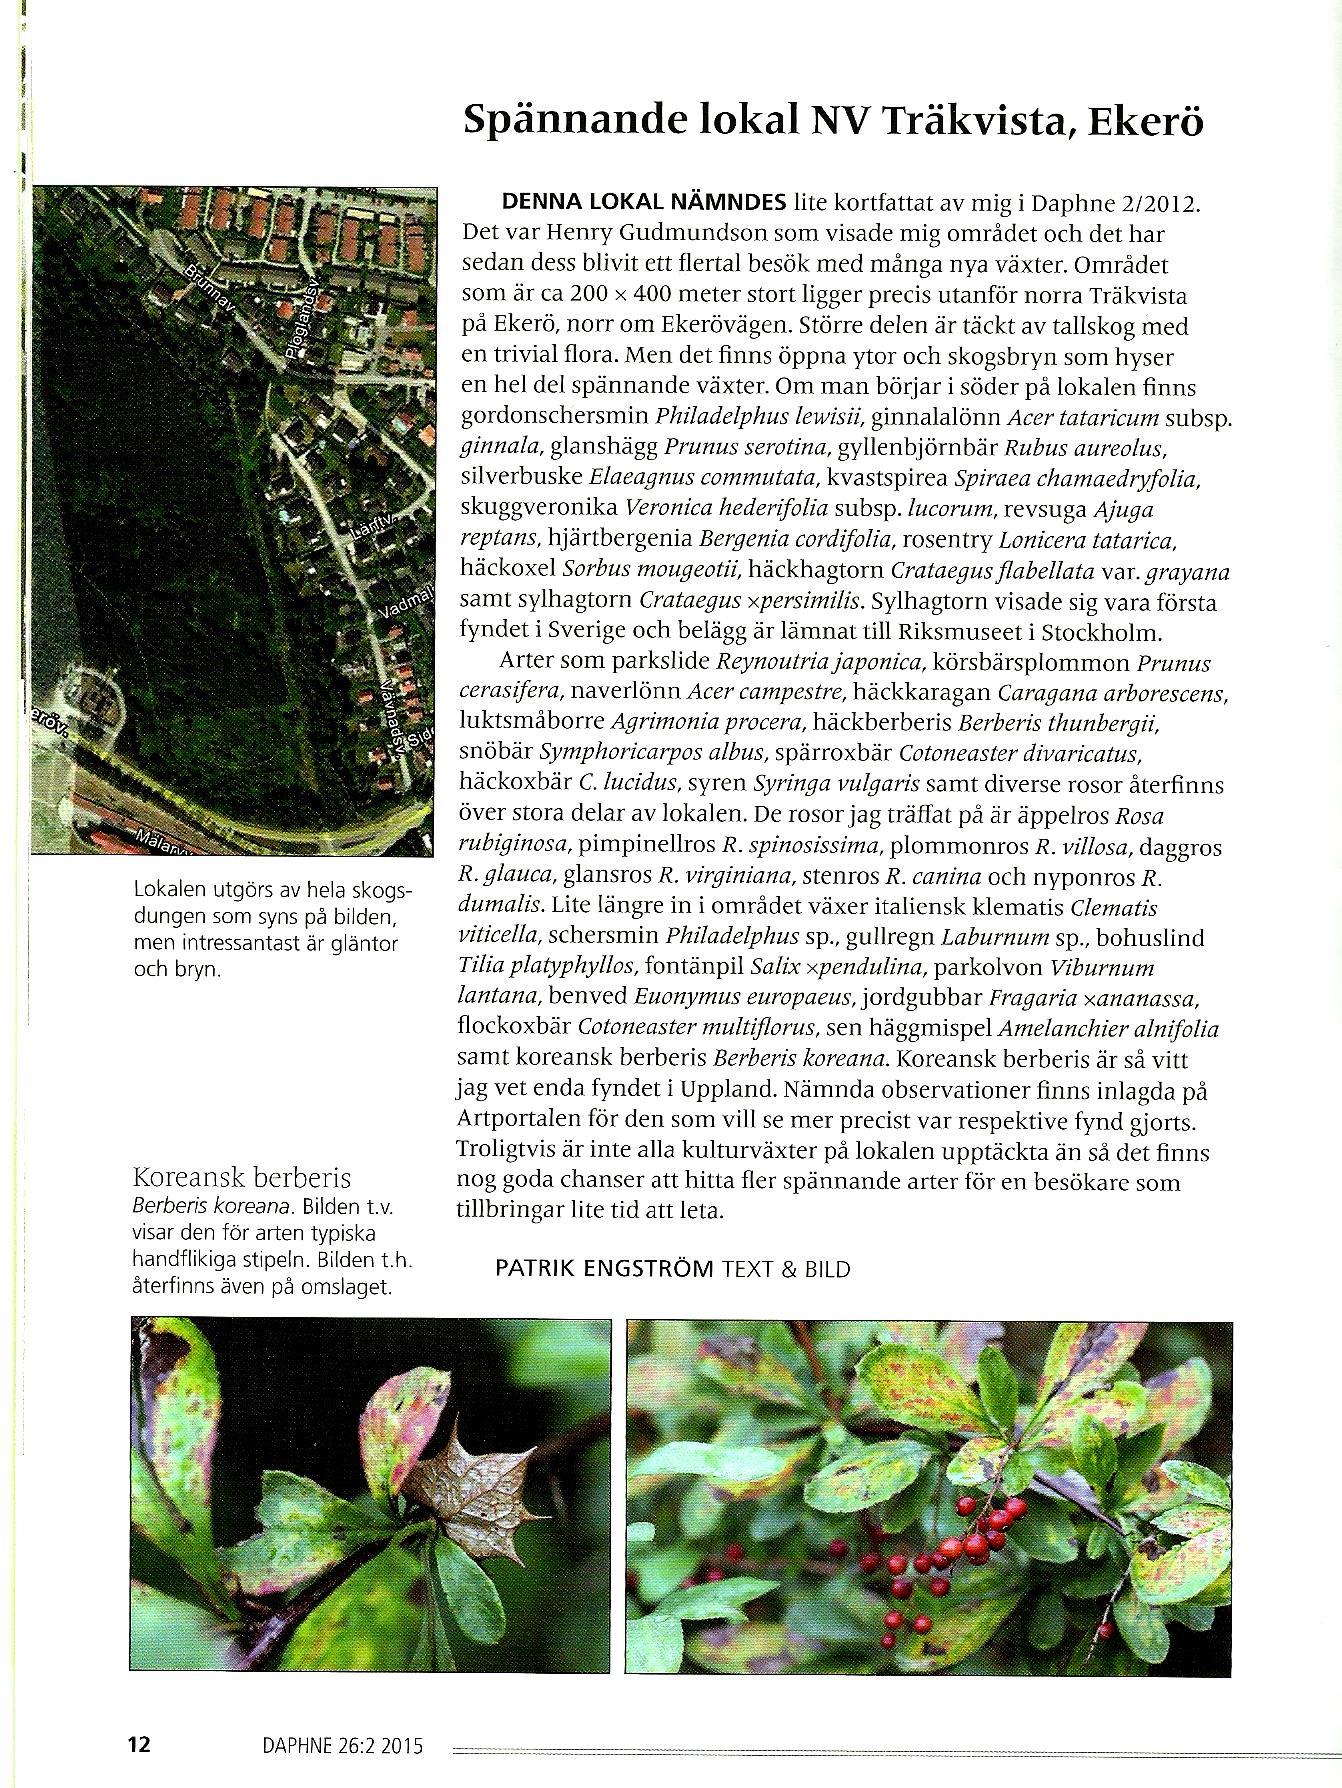 Växter vid Träkvista